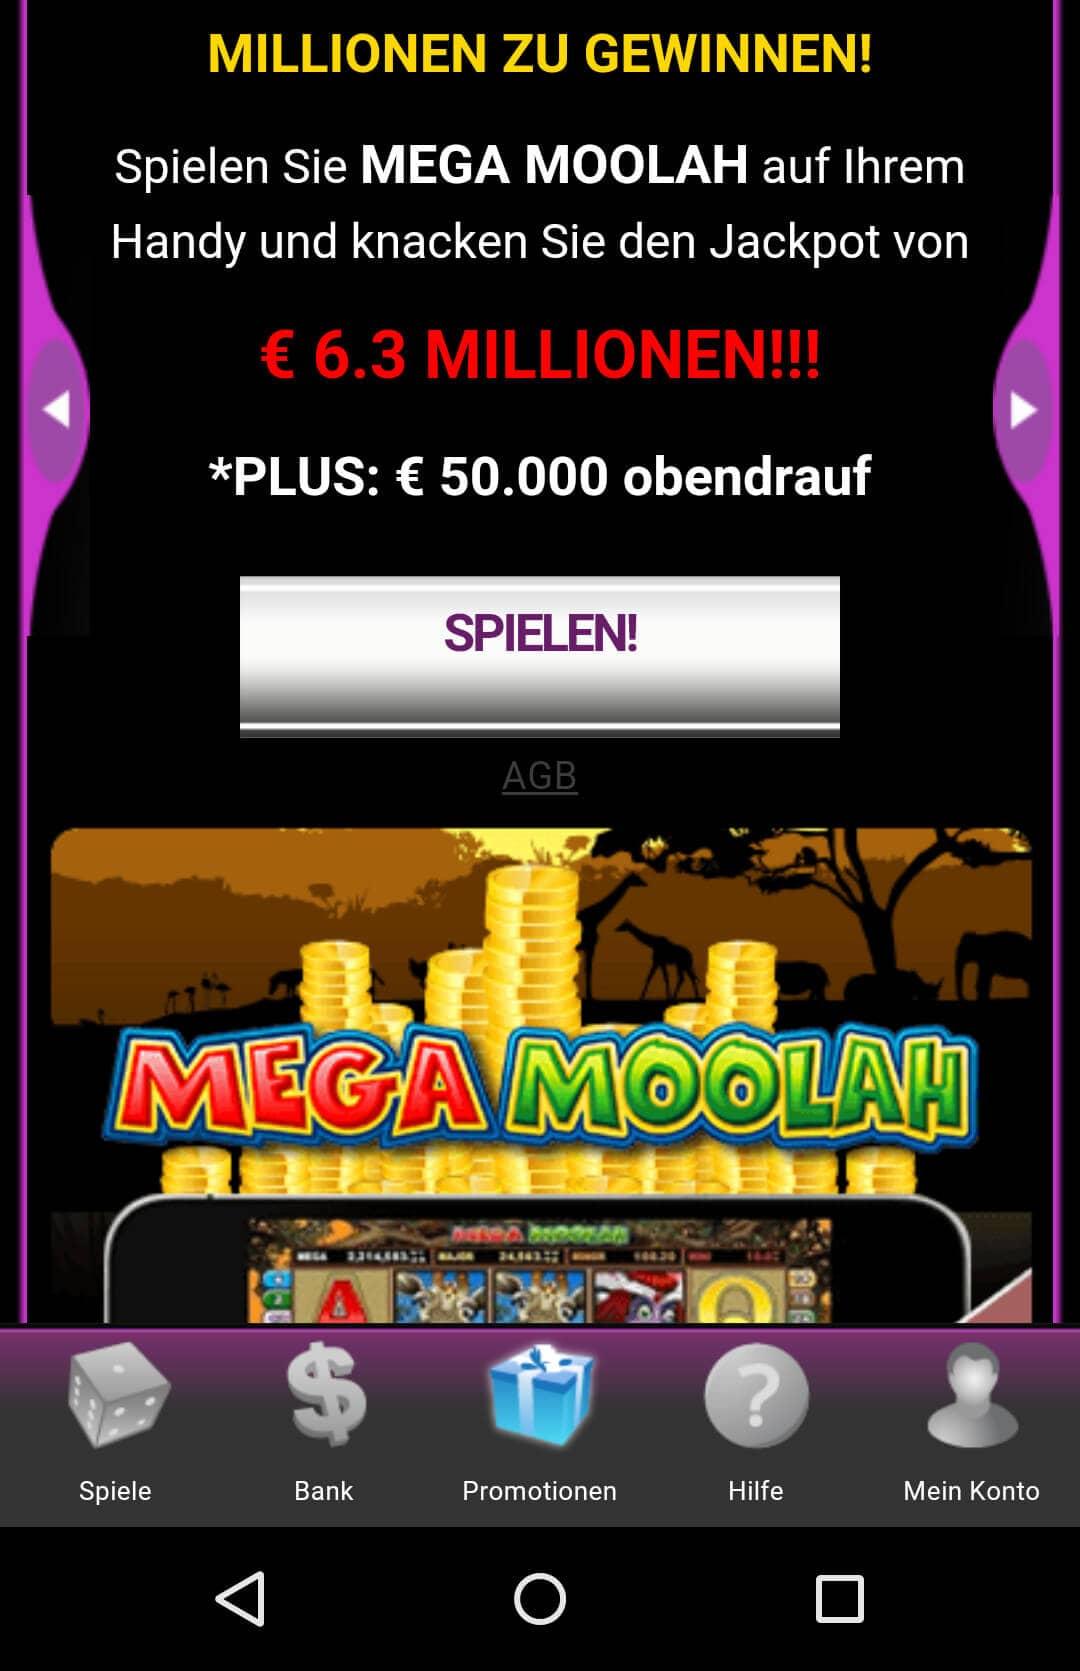 IPad Casino Apps Echtgeld -704266